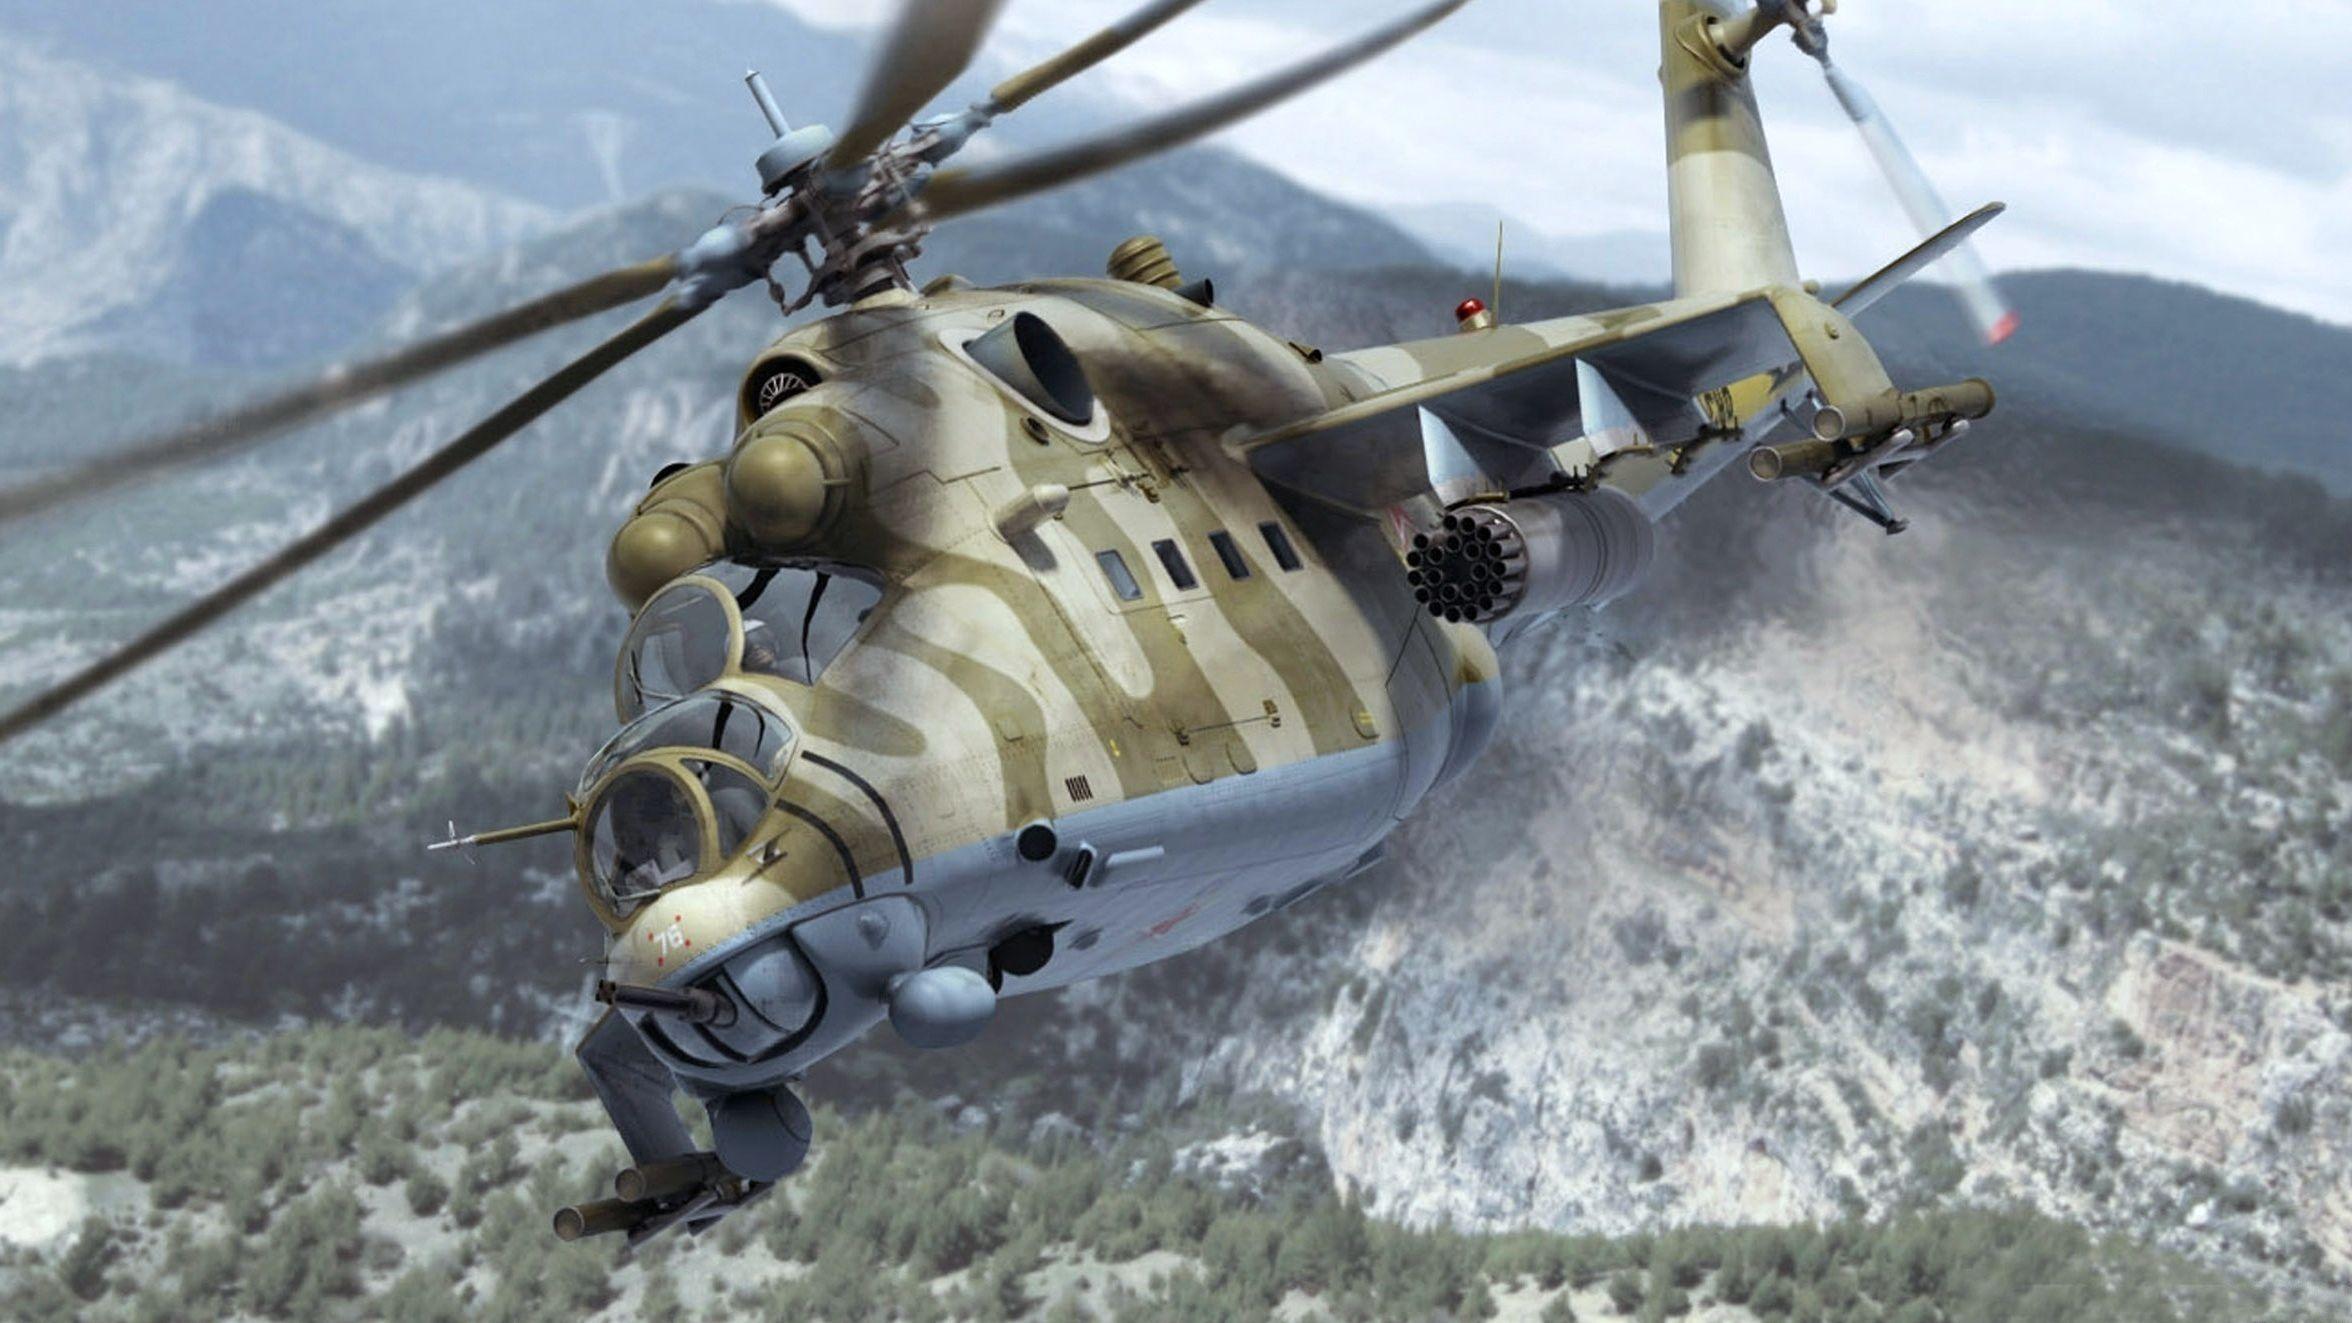 обои для рабочего стола вертолеты 1280х1024 высокого качества № 248512  скачать